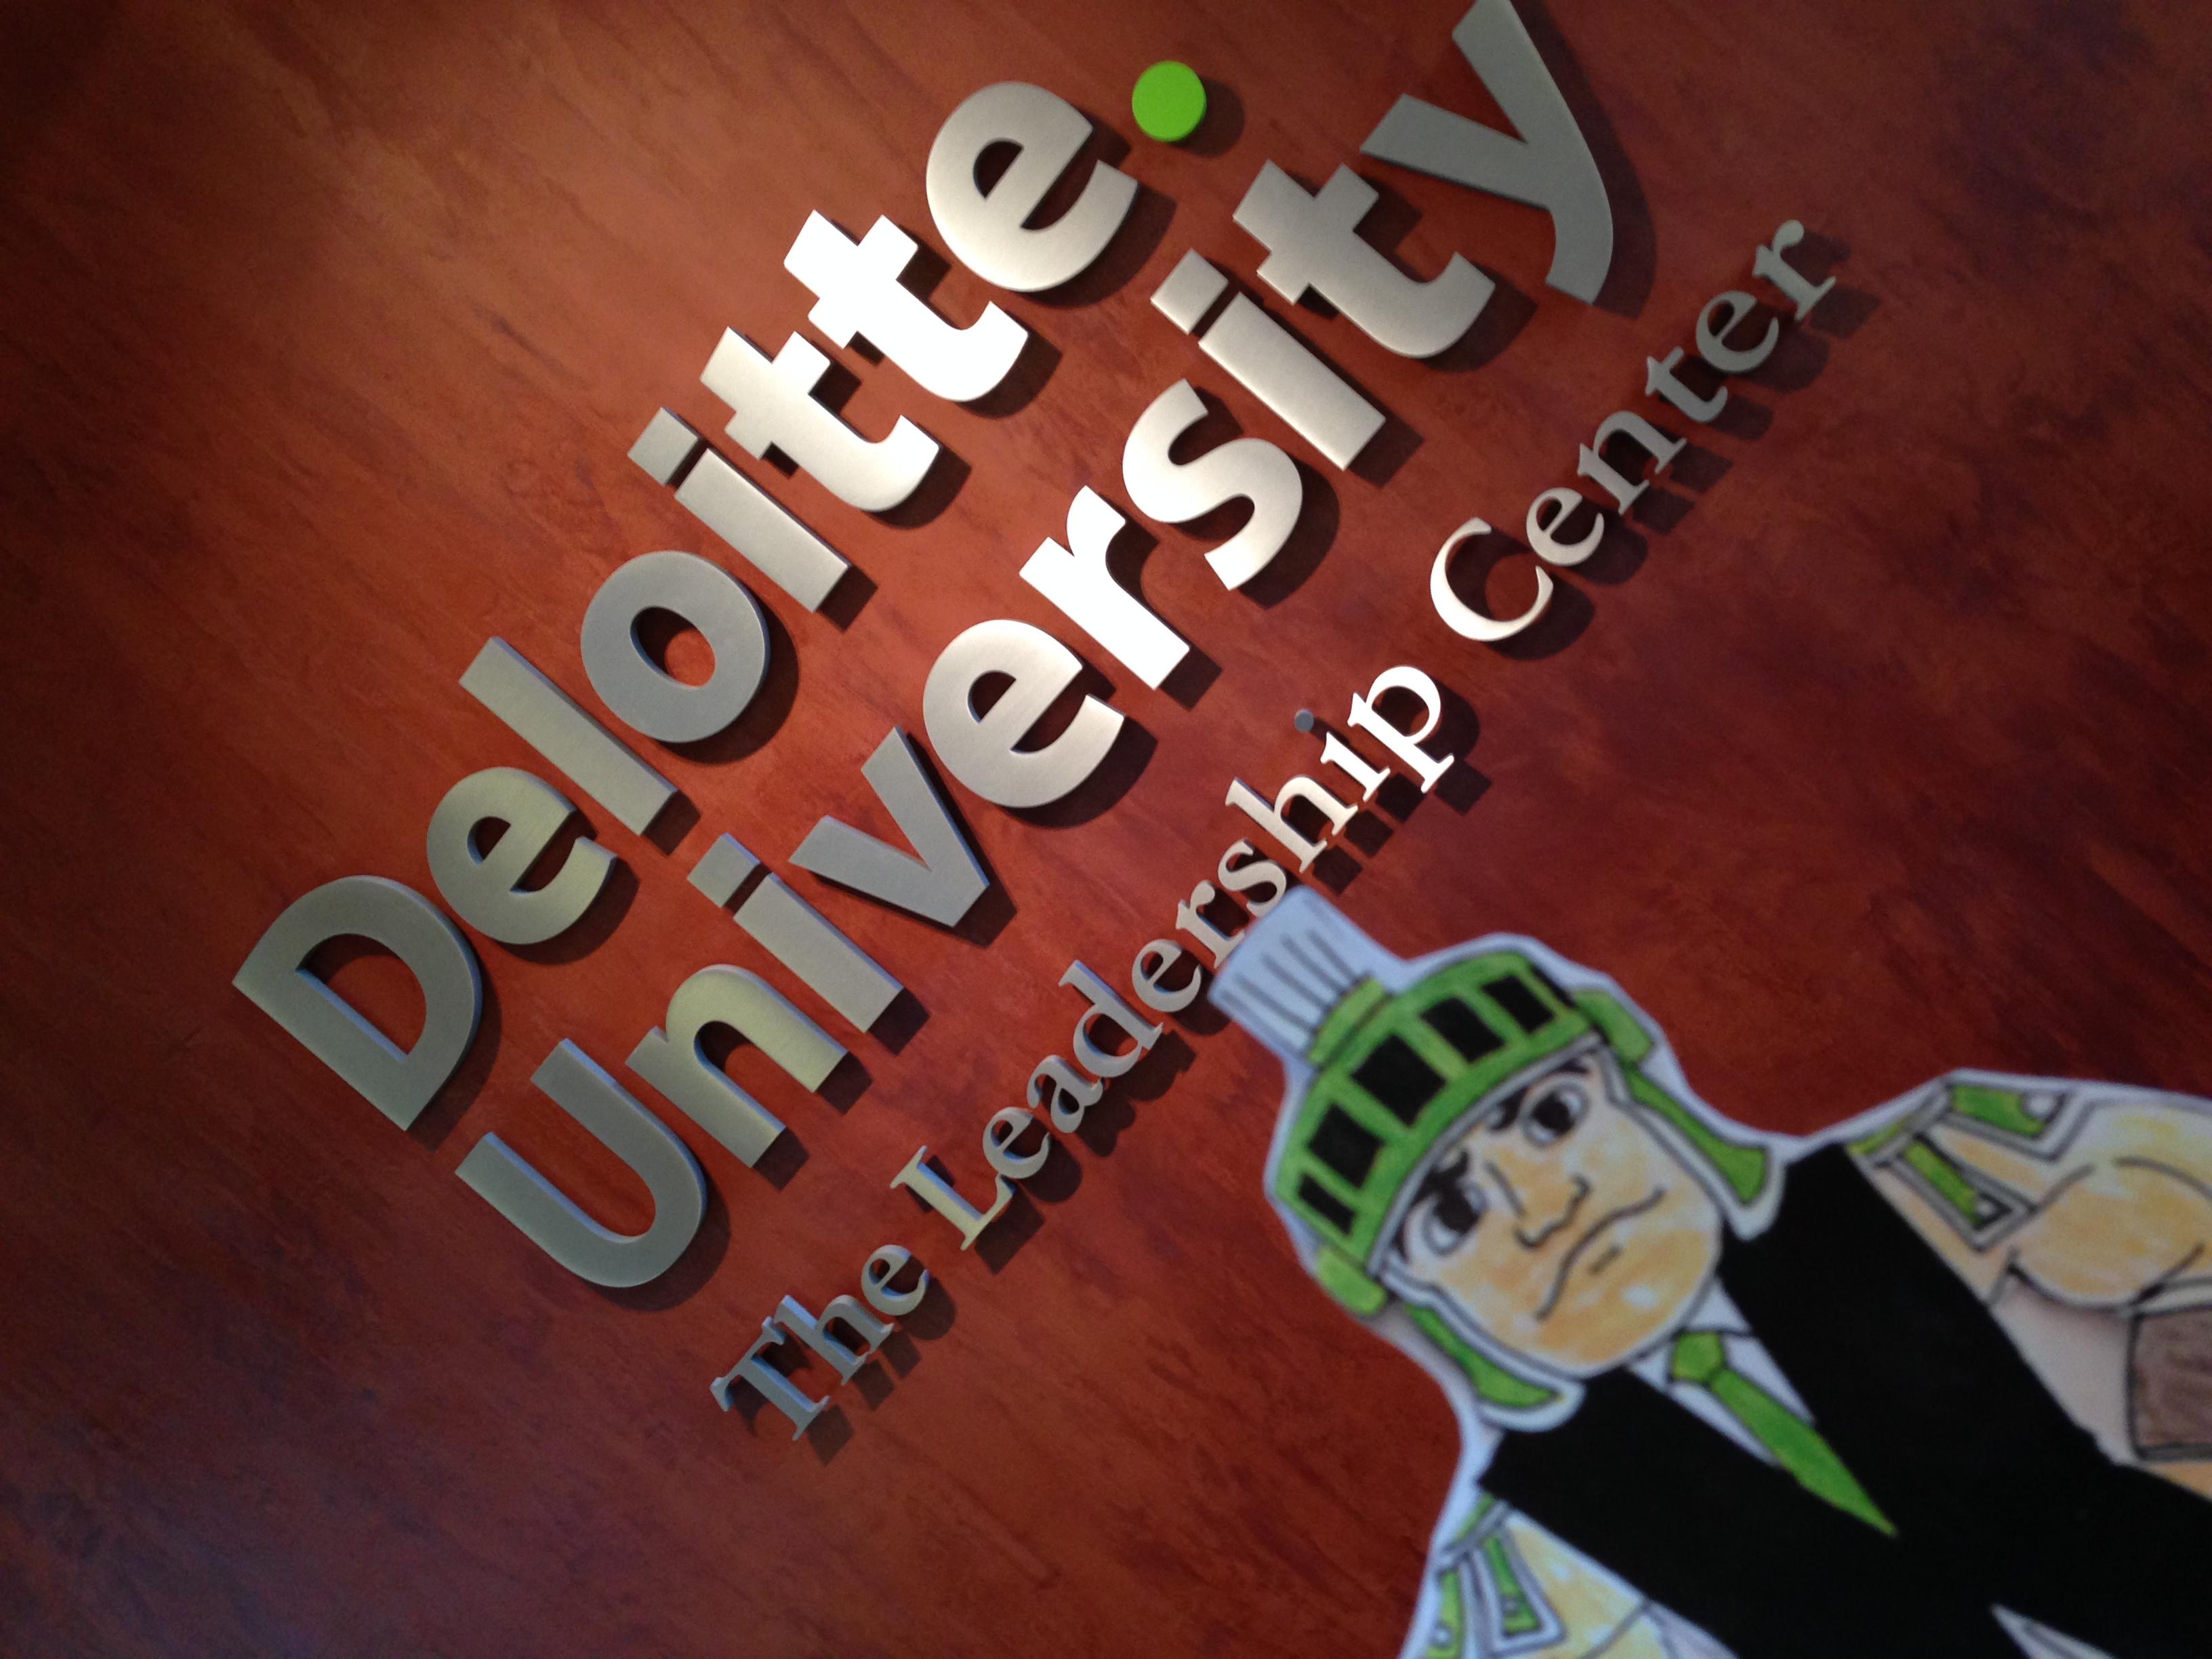 da439004a5e Thin Business Sparty at Deloitte University (tagline  The Leadership Center)